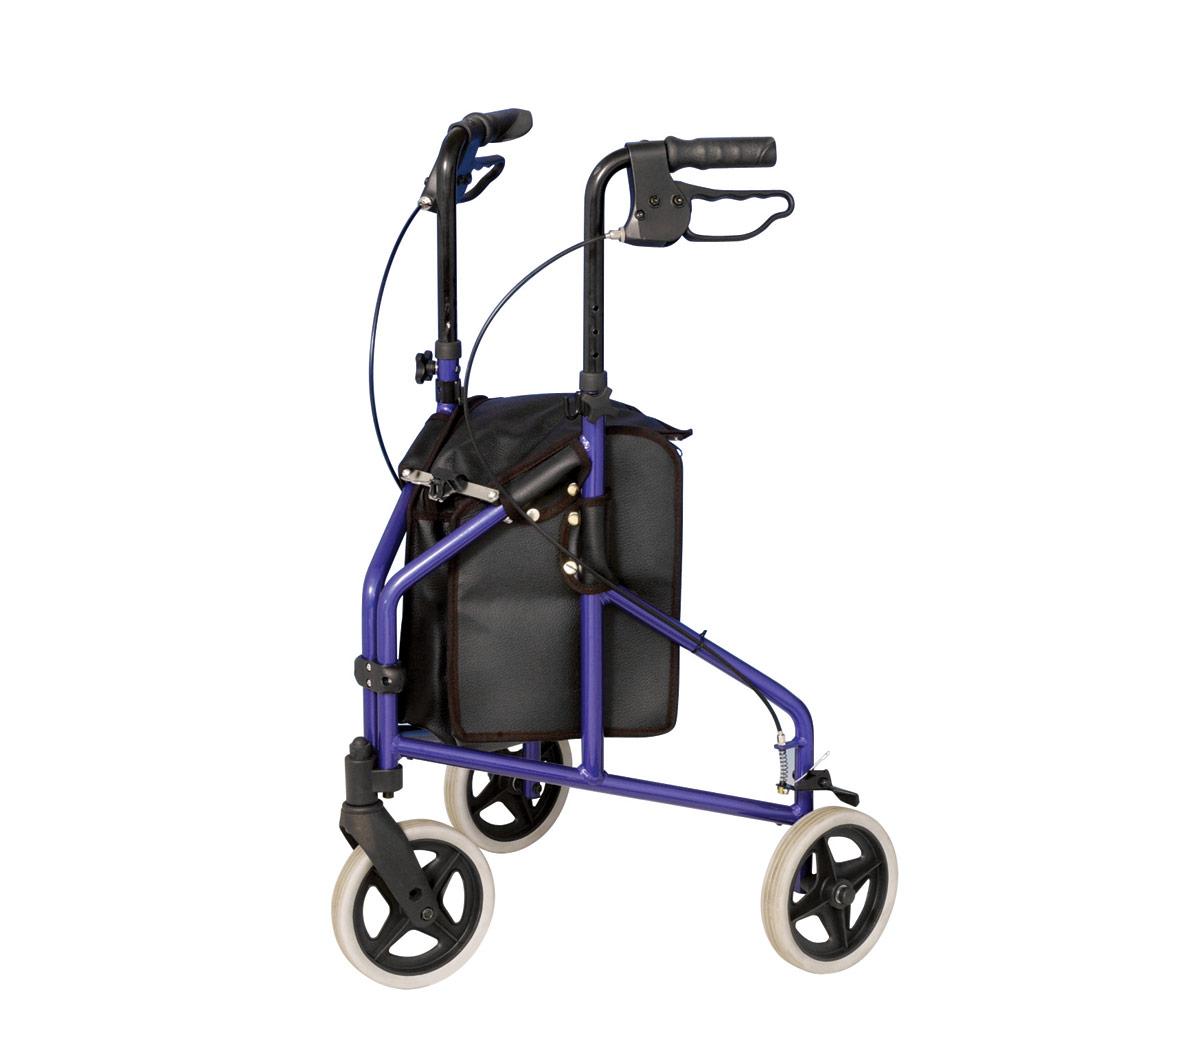 Tas voor 3-wiel rollator - Zwart